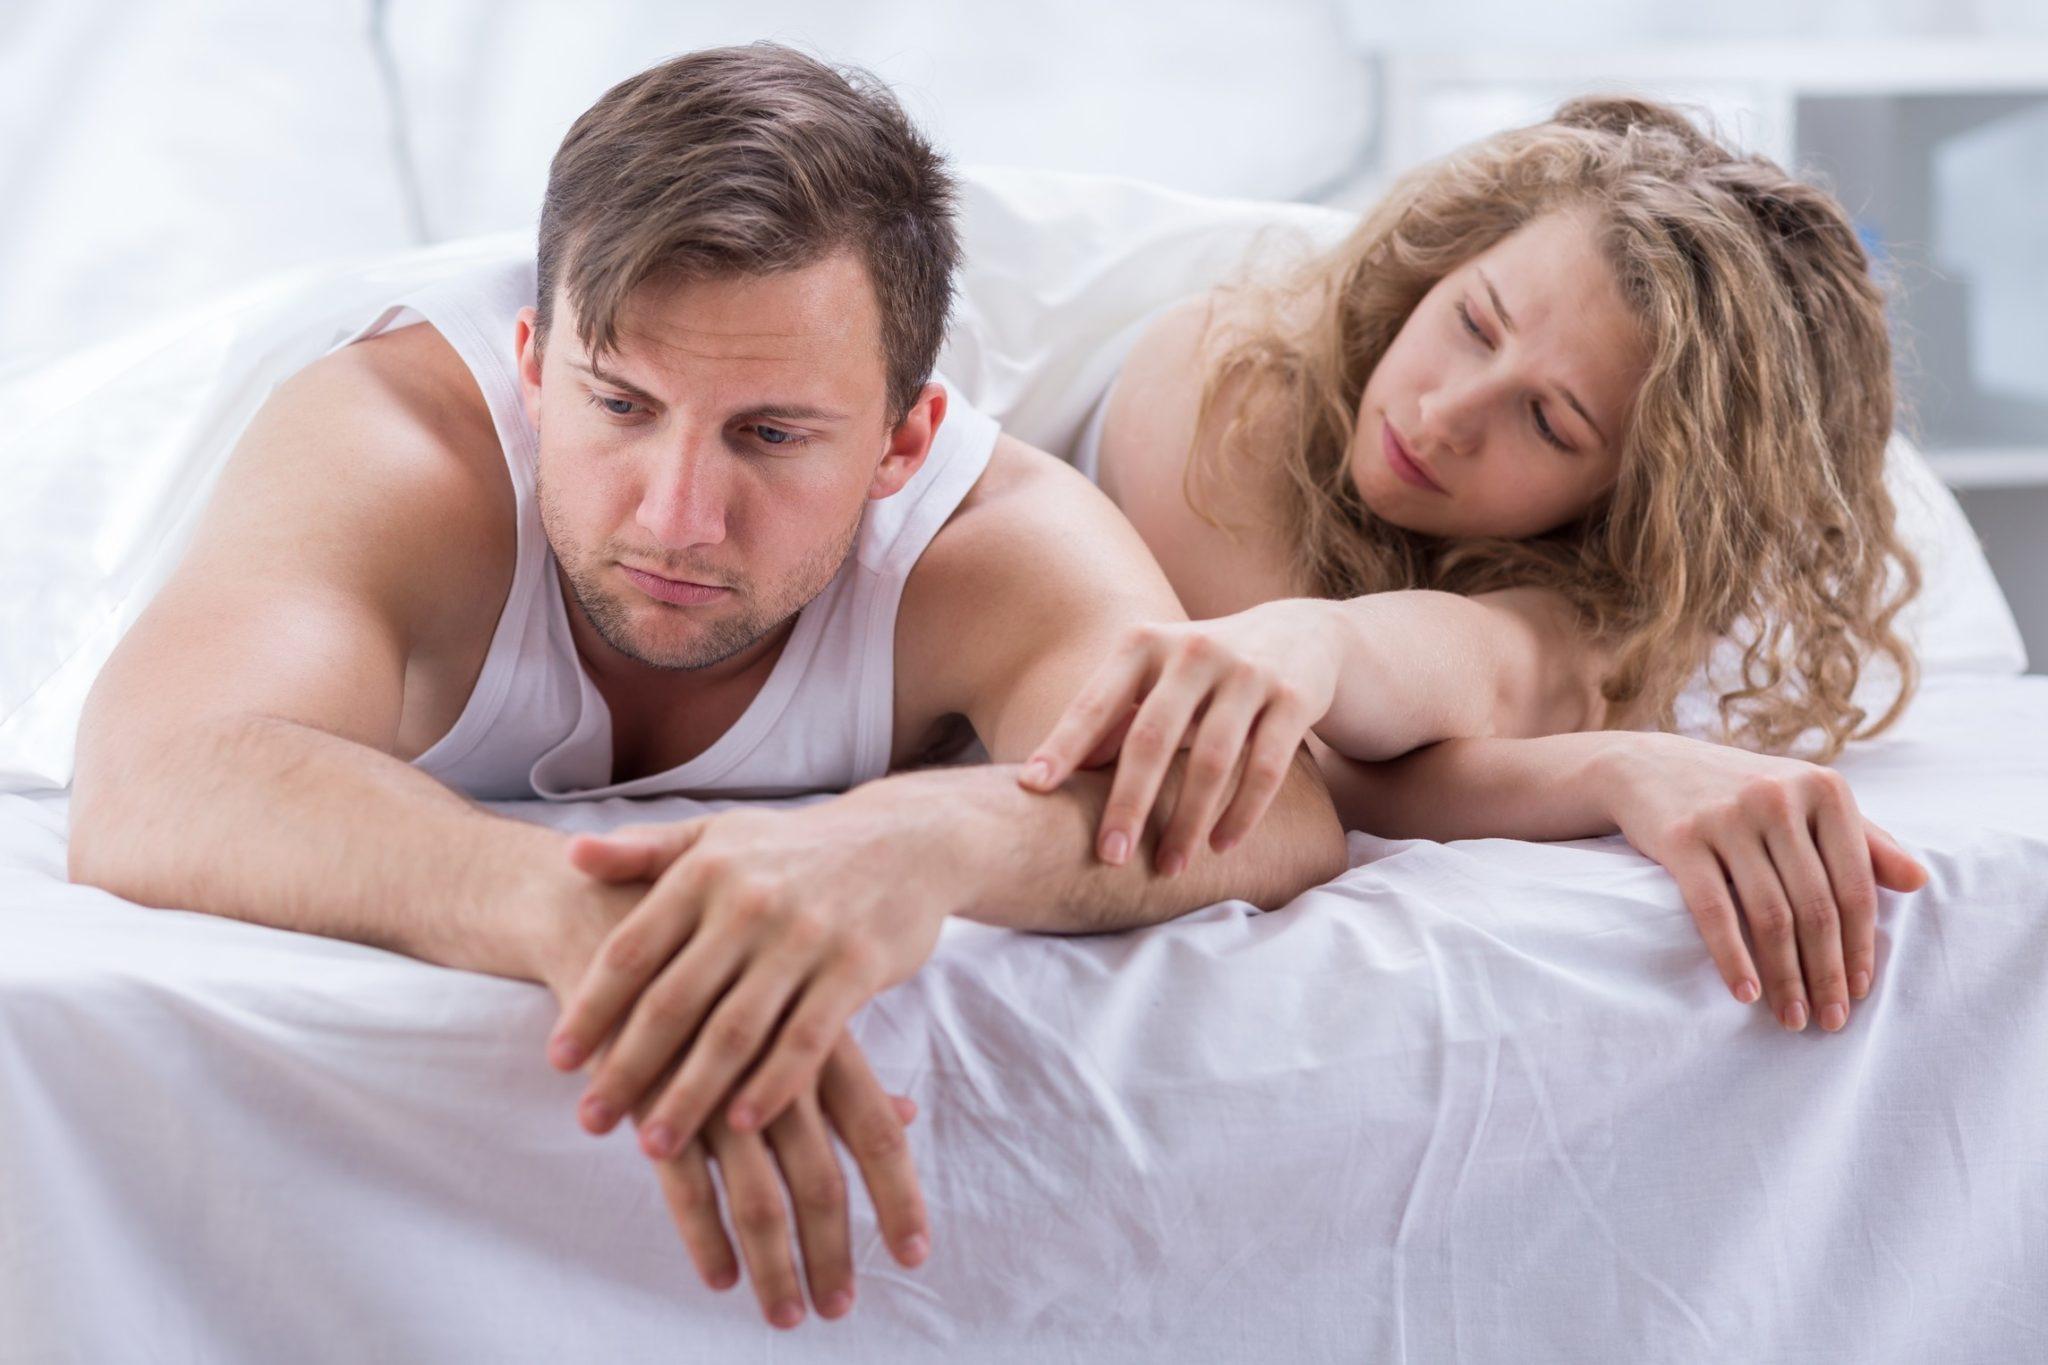 Что такое либидо - энергия полового влечения у мужчин и женщин